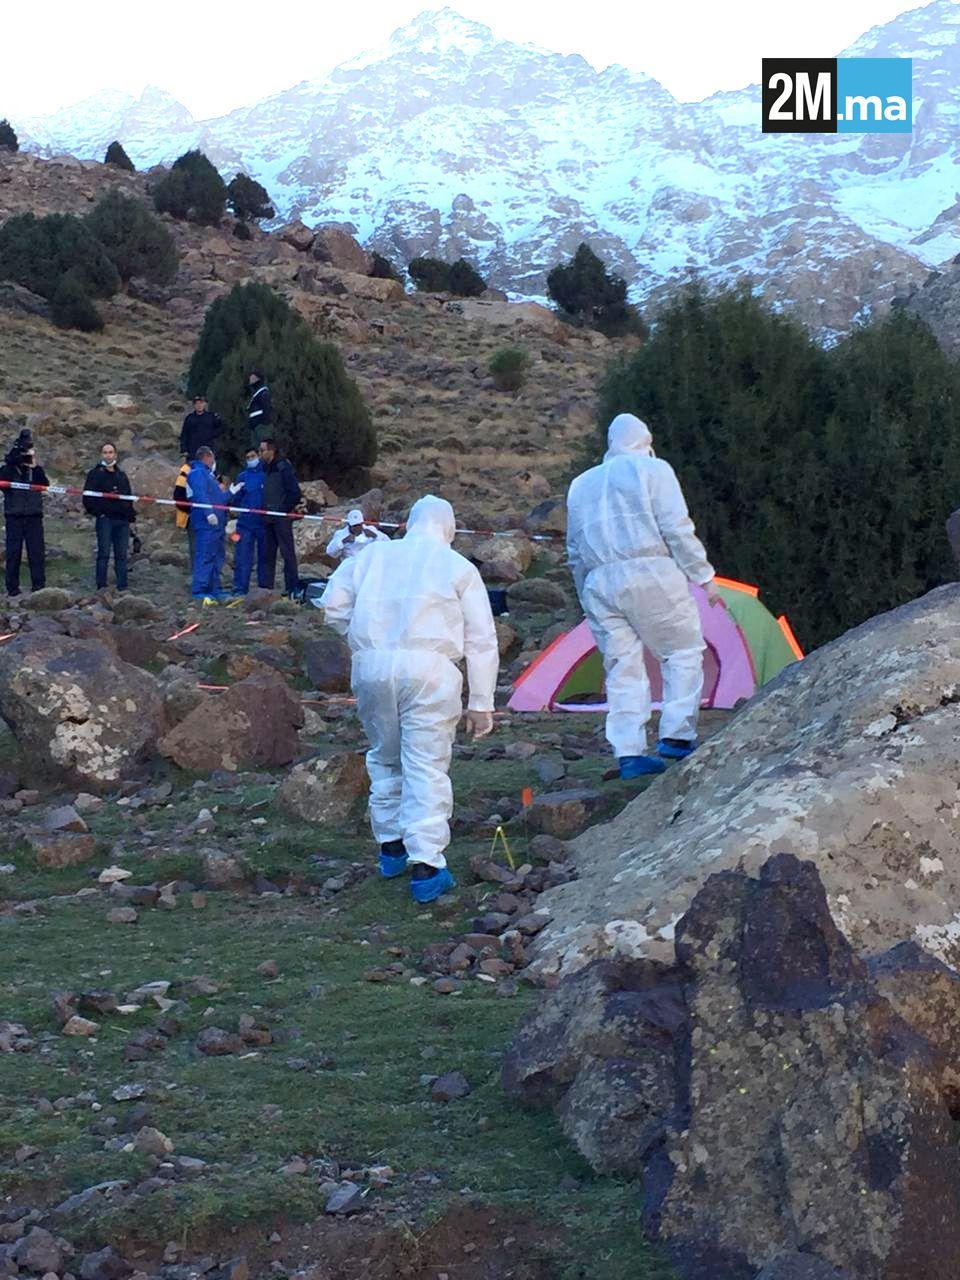 DREPT: Dette skal være åstedet hvor de to skandinaviske studievenninnene ble drept mandag i fjellene i Marokko. Etterforskere har sperret av området for undersøkelser.